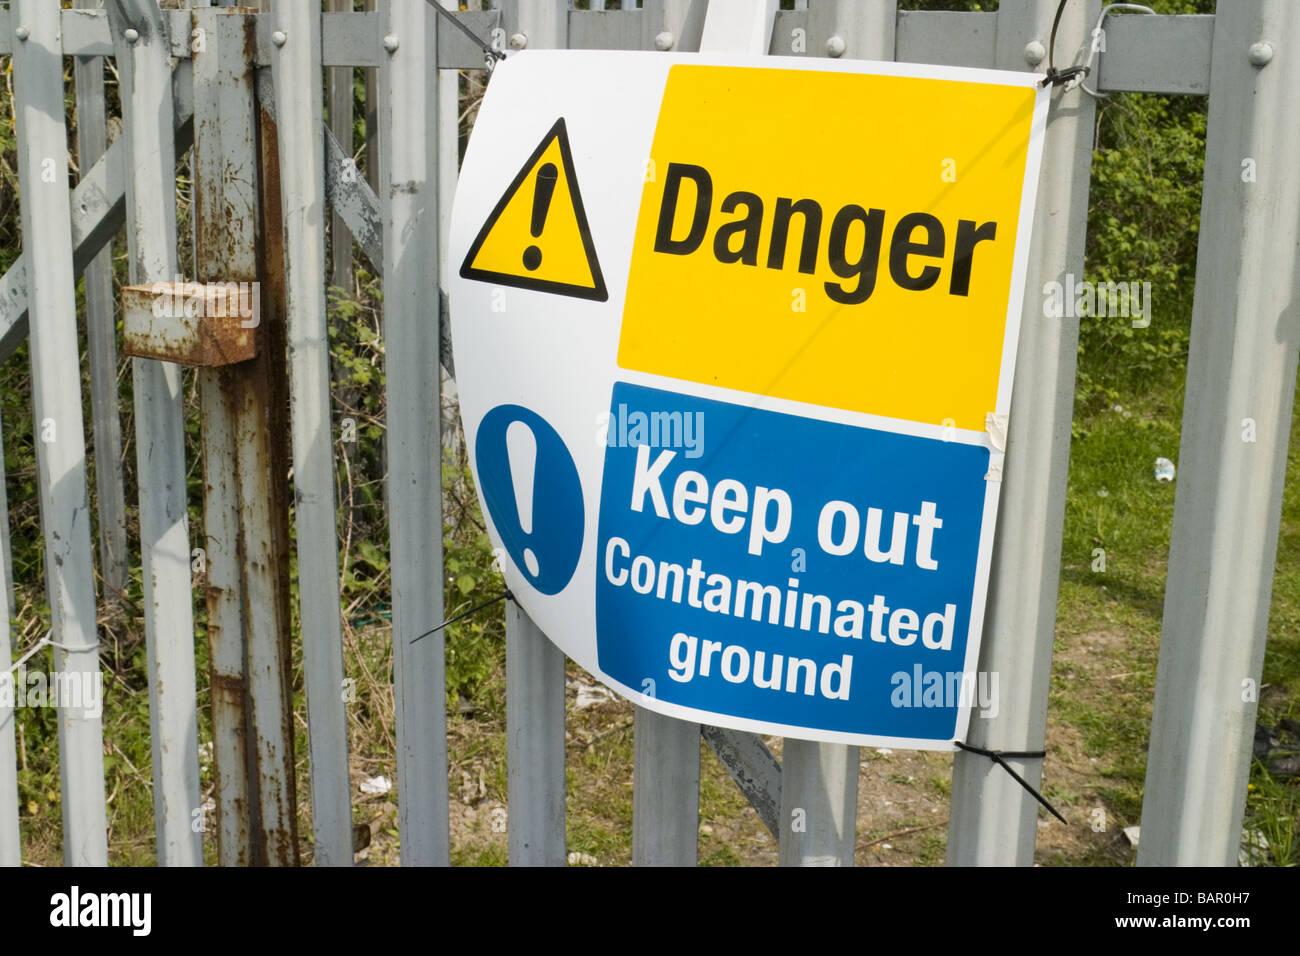 Contaminated ground warning sign Kent UK - Stock Image